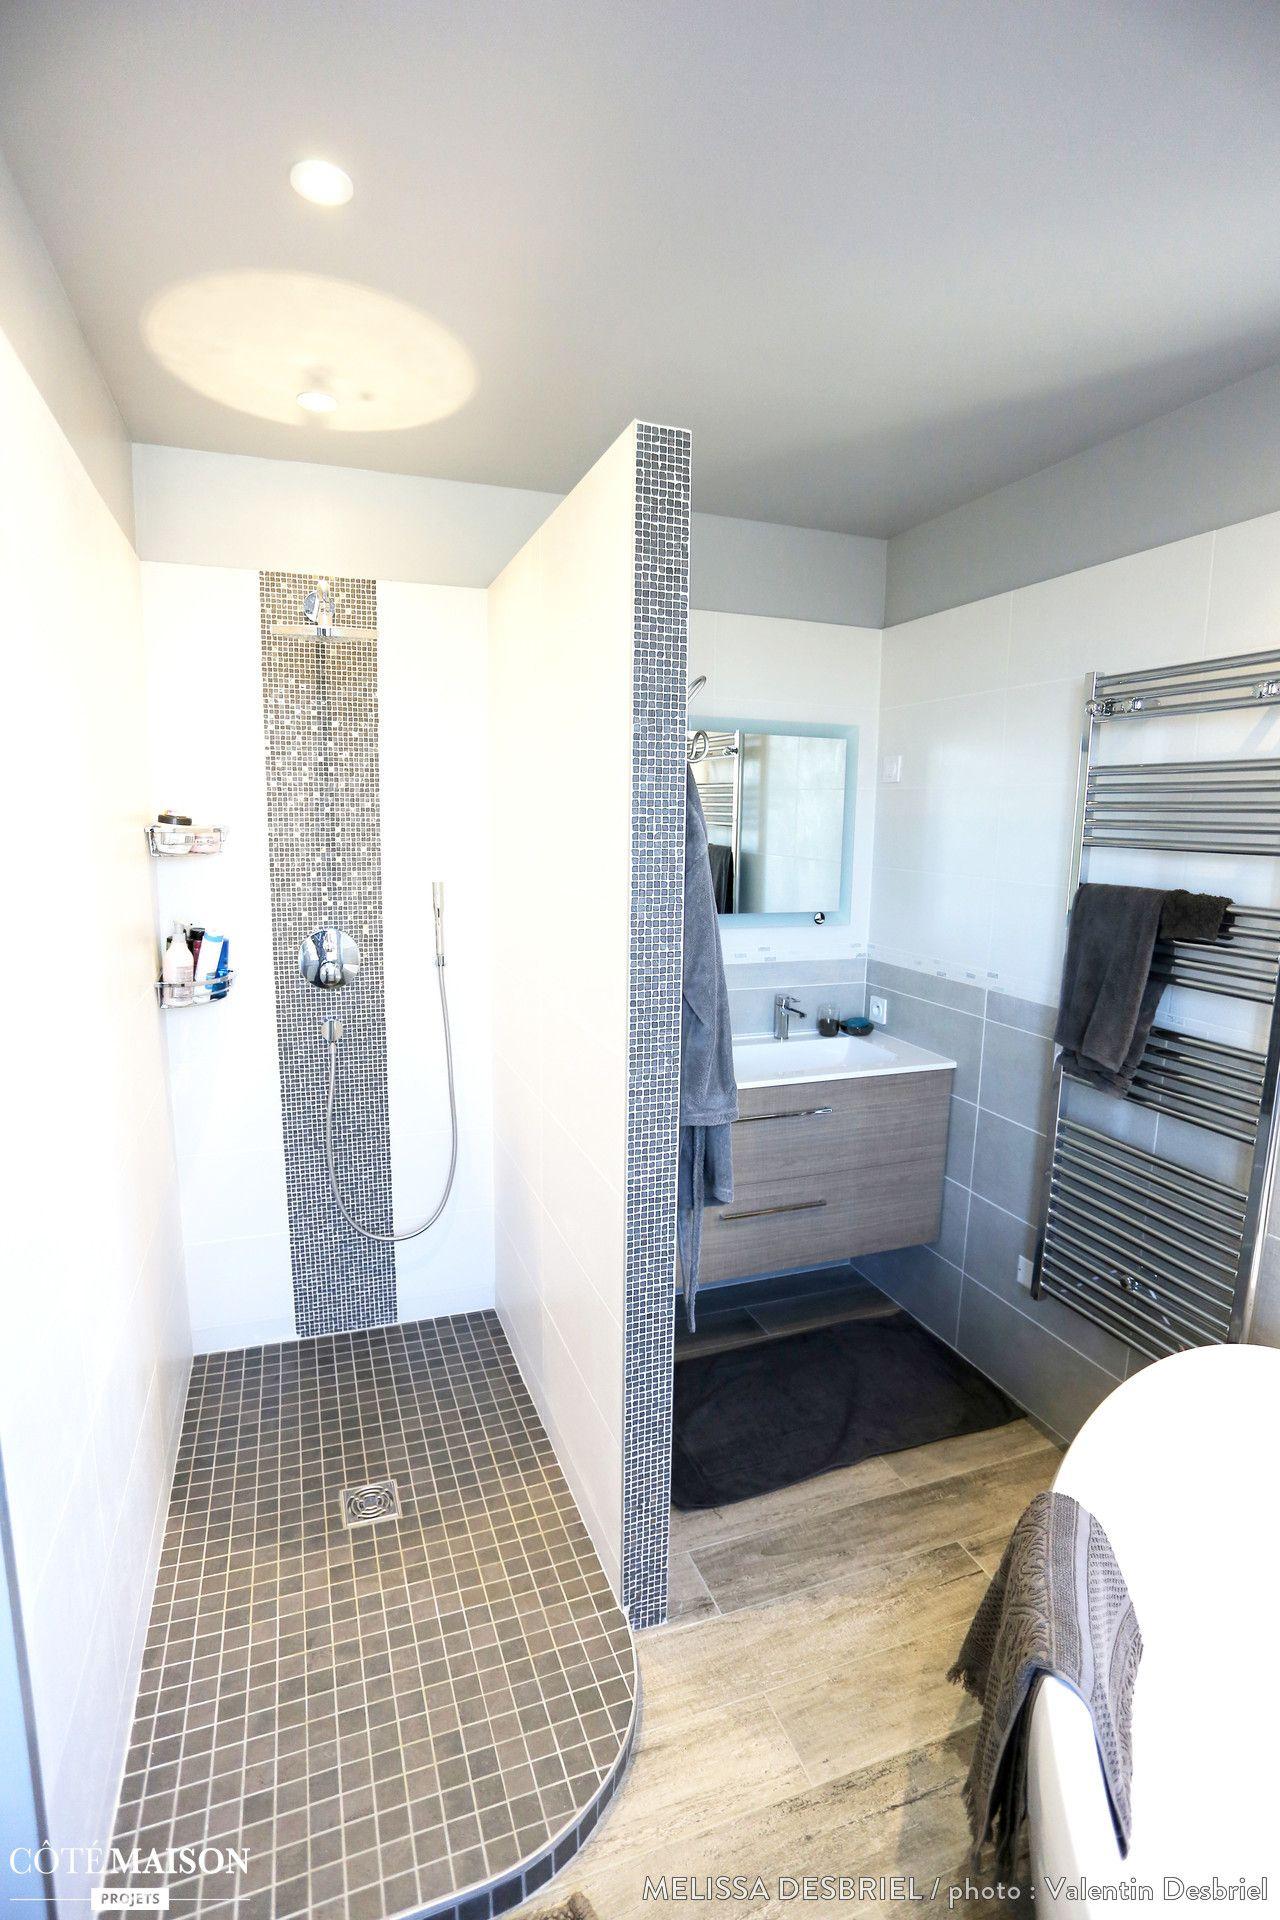 nice Salle De Bain Cote Maison #1: Rénovation de salle de bains, Saint-Illiers-le-Bois, Mélissa Desbriel